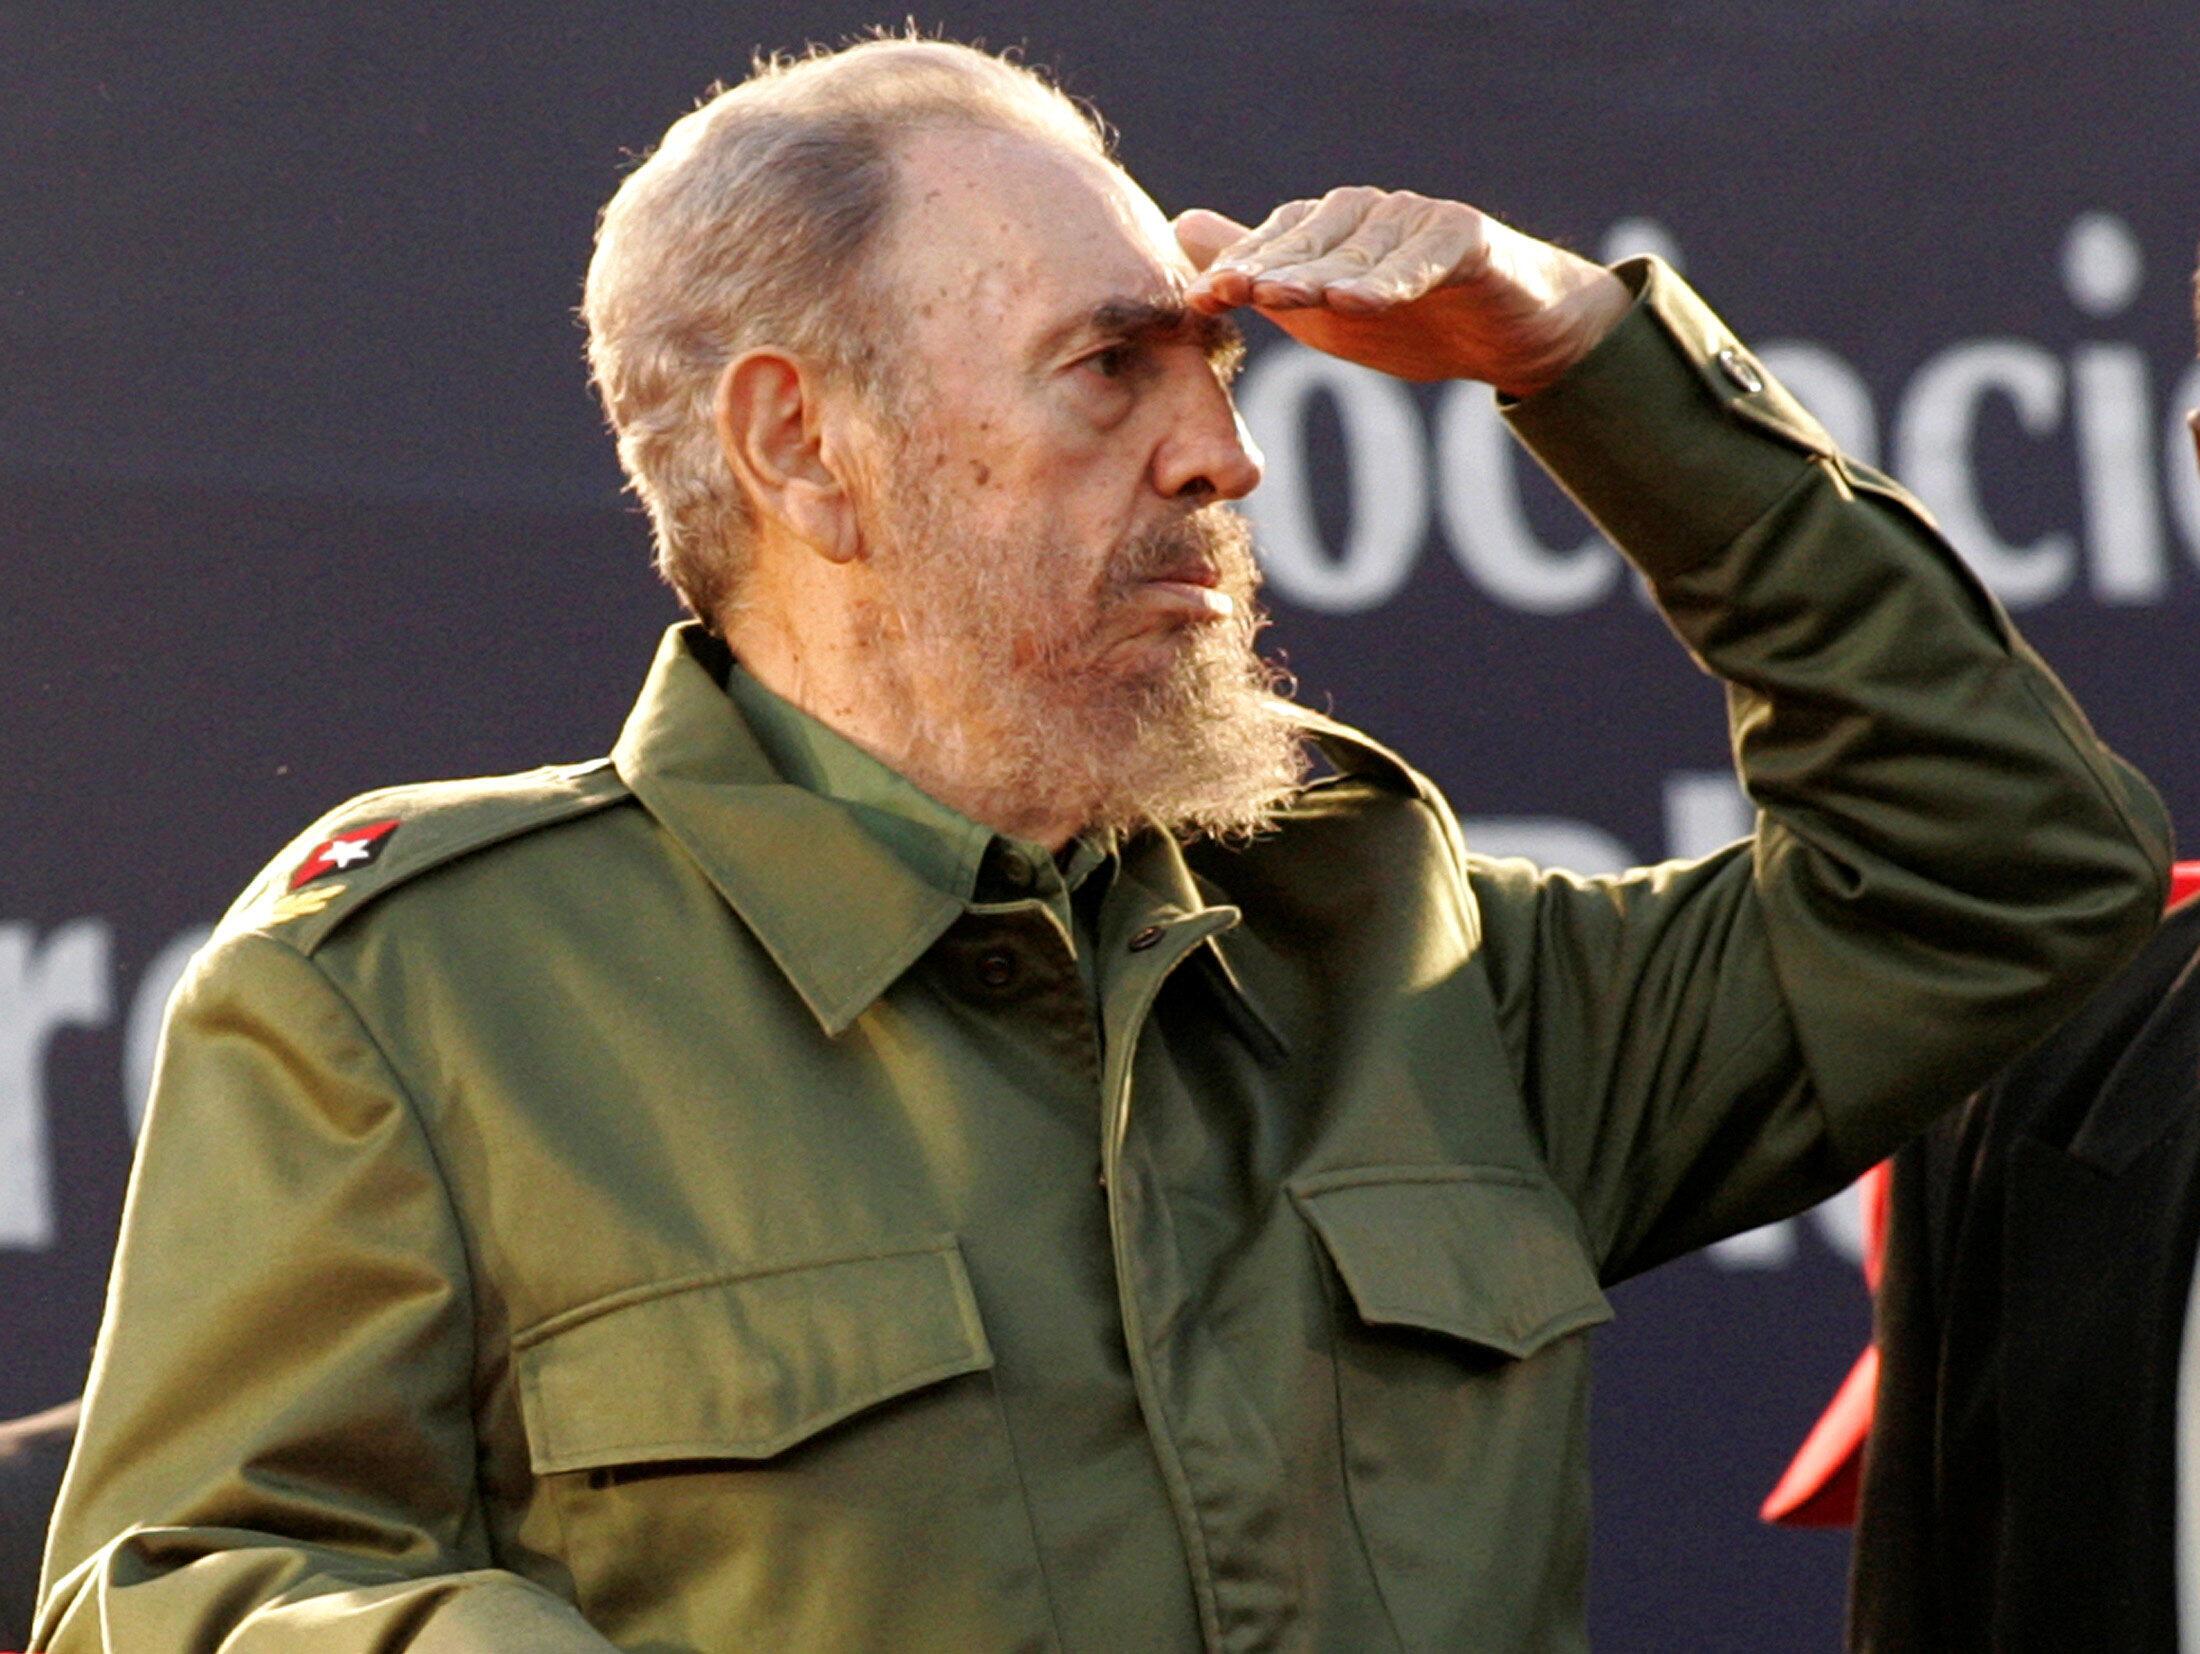 Fidel Castro, Mwanamapinduzi wa Cuba, hapa akiwa nchini Argentina, Julai 21, 2006.